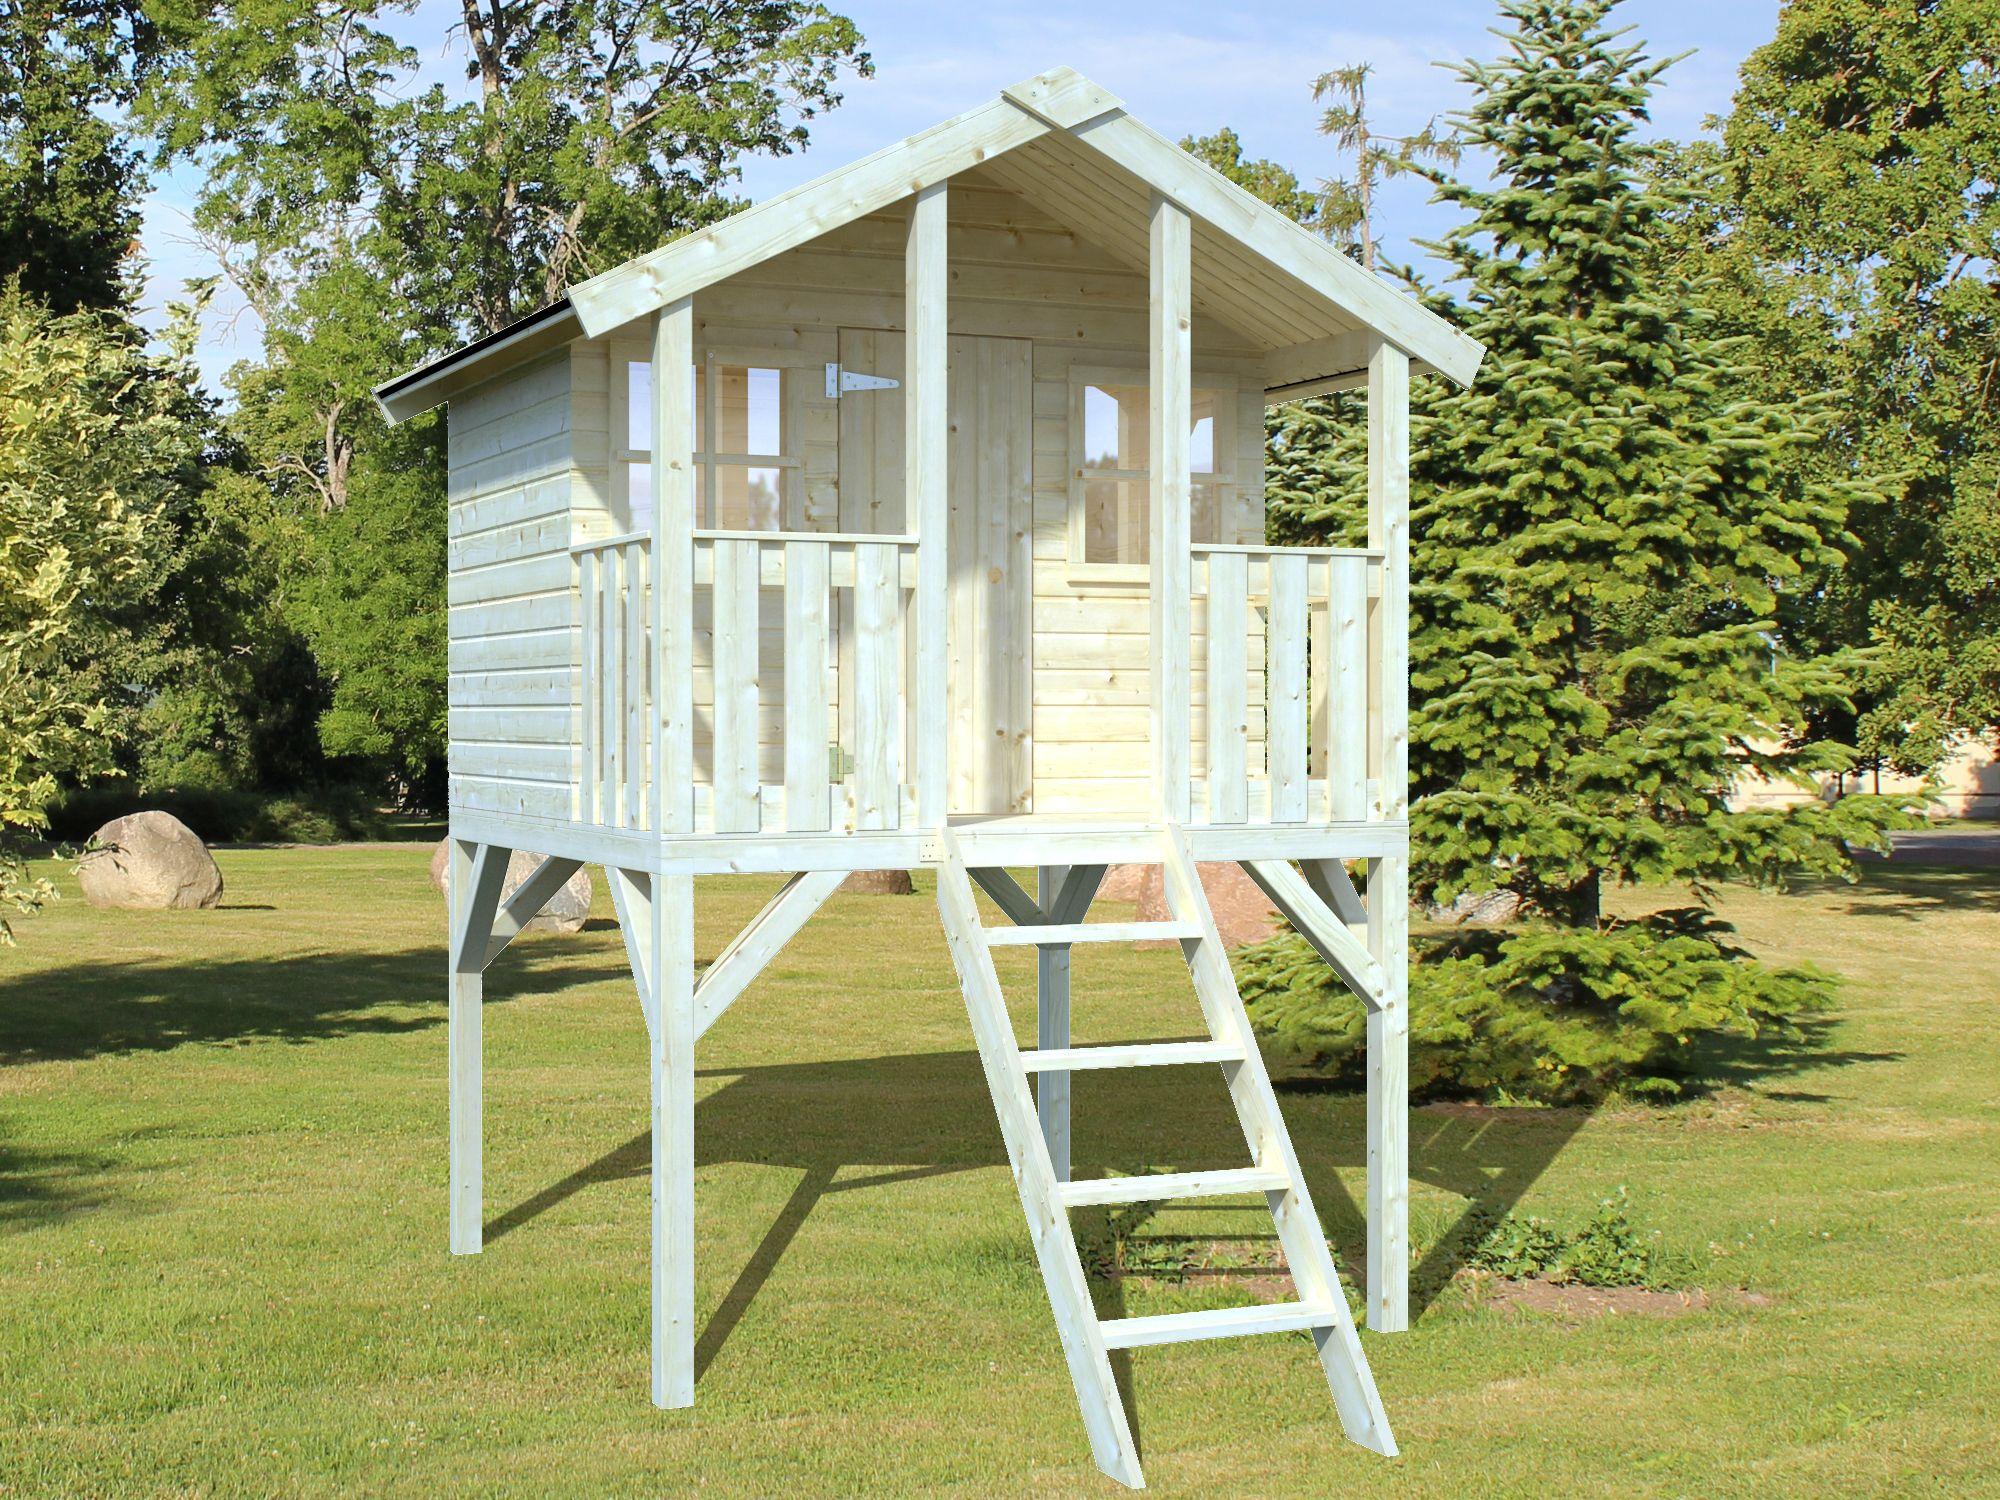 Die Gartenhaus Gmbh Ist Ihr Gunstiger Onlineshop Fur Haus Und Garten Gartenhaus Sauna Carport Co 0 Versa Play Houses Build A Playhouse Freeport Park